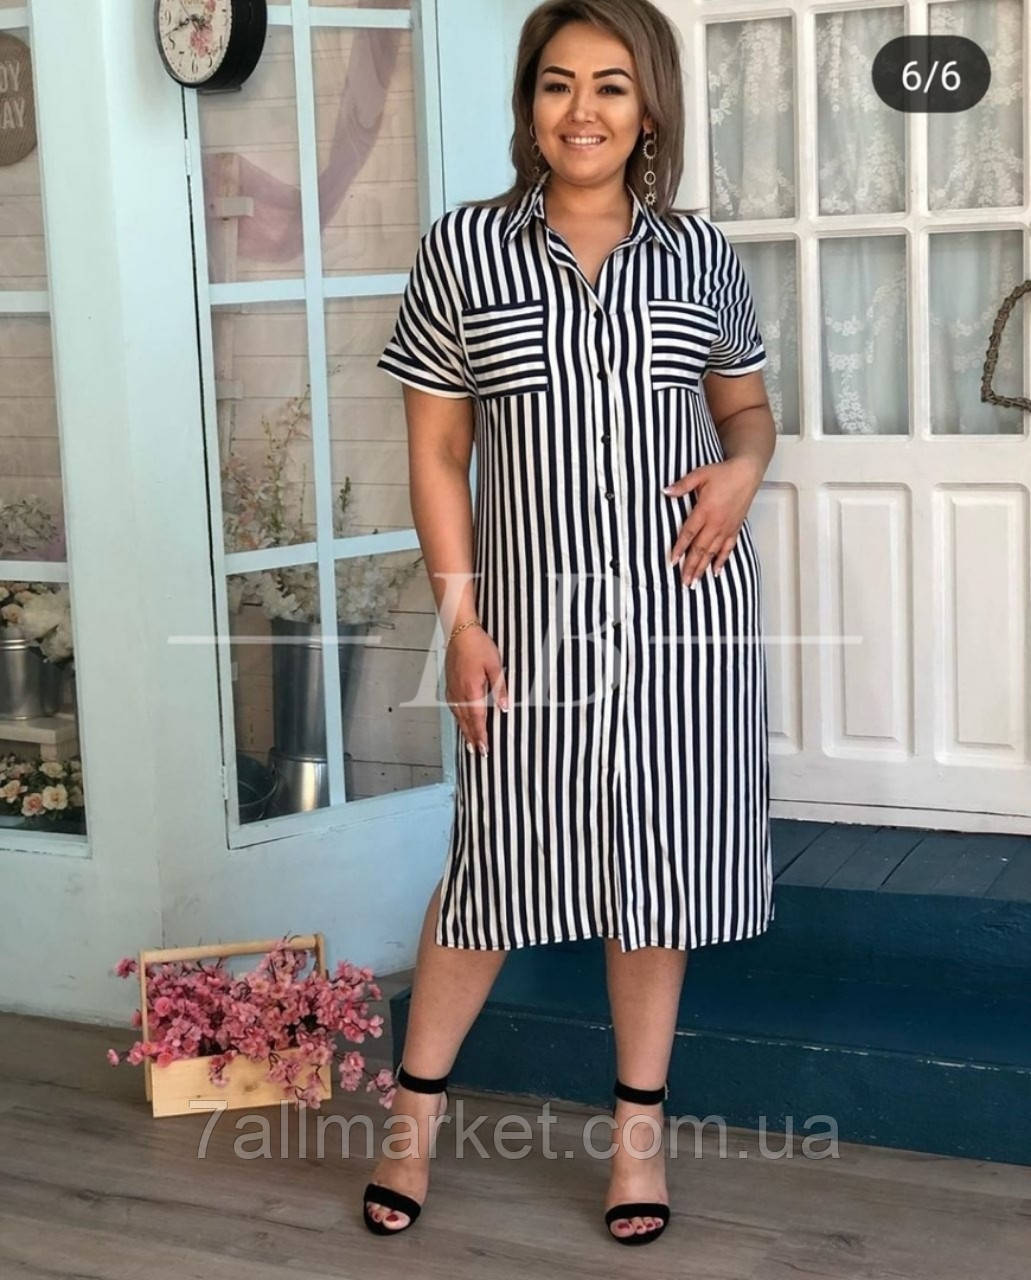 """Платье-рубашка женское полубатальное в полоску размеры 48-54 """"BARBARIS"""" недорого от прямого поставщика"""